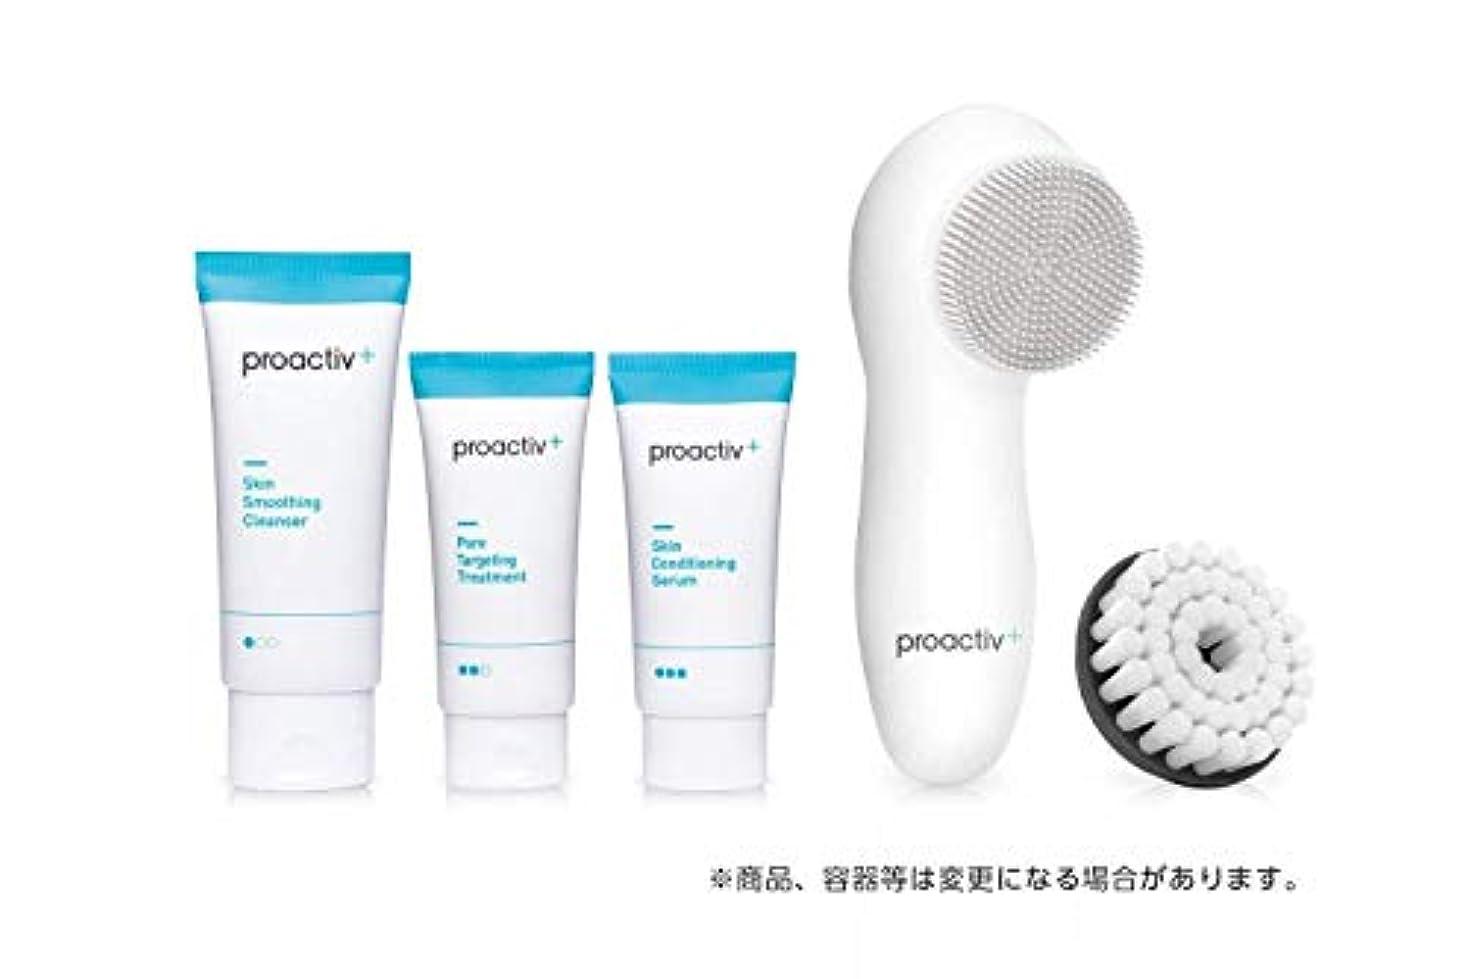 私たちシニス読書をするプロアクティブ+ Proactiv+ 薬用3ステップセット30日サイズ 電動洗顔ブラシ(シリコンブラシ付) プレゼント 公式ガイド付